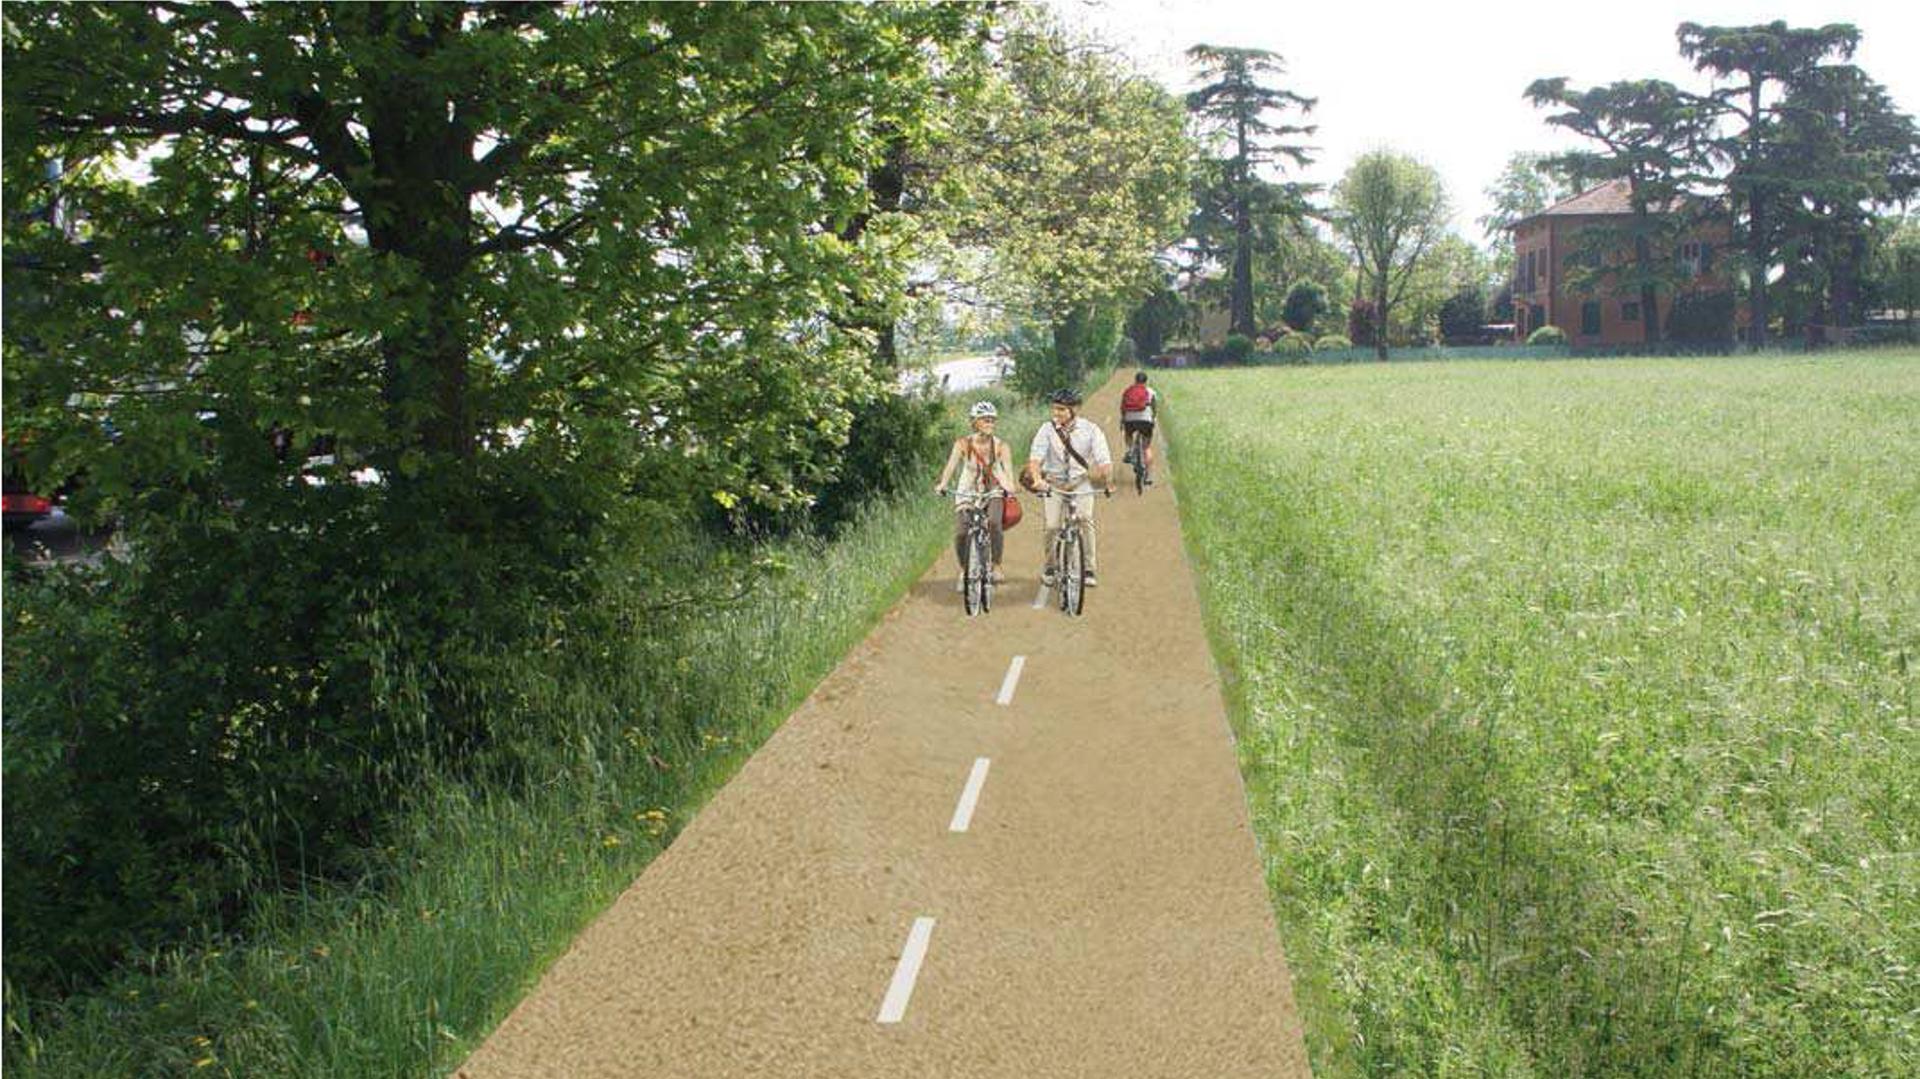 Ciclabili, ecco l'asse metropolitano della Via Emilia: 30 km da Bologna e Imola in bici